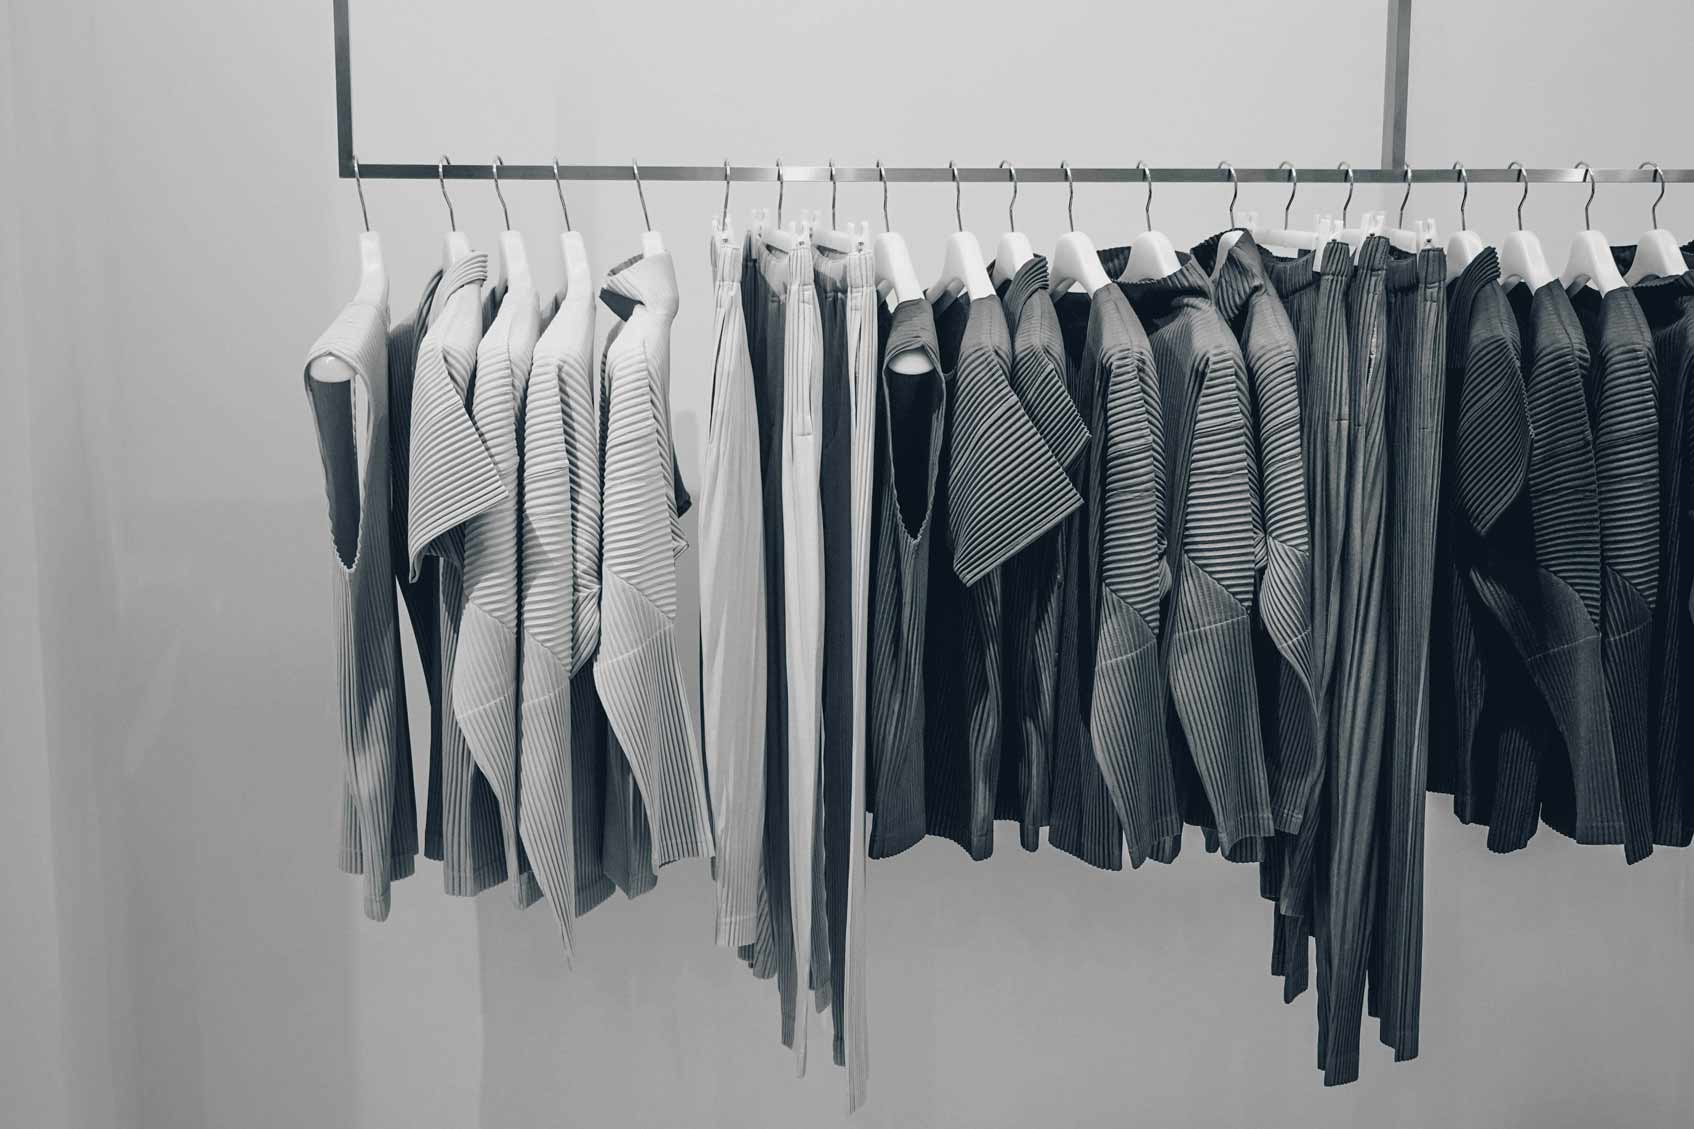 Серая одежда на вешалке